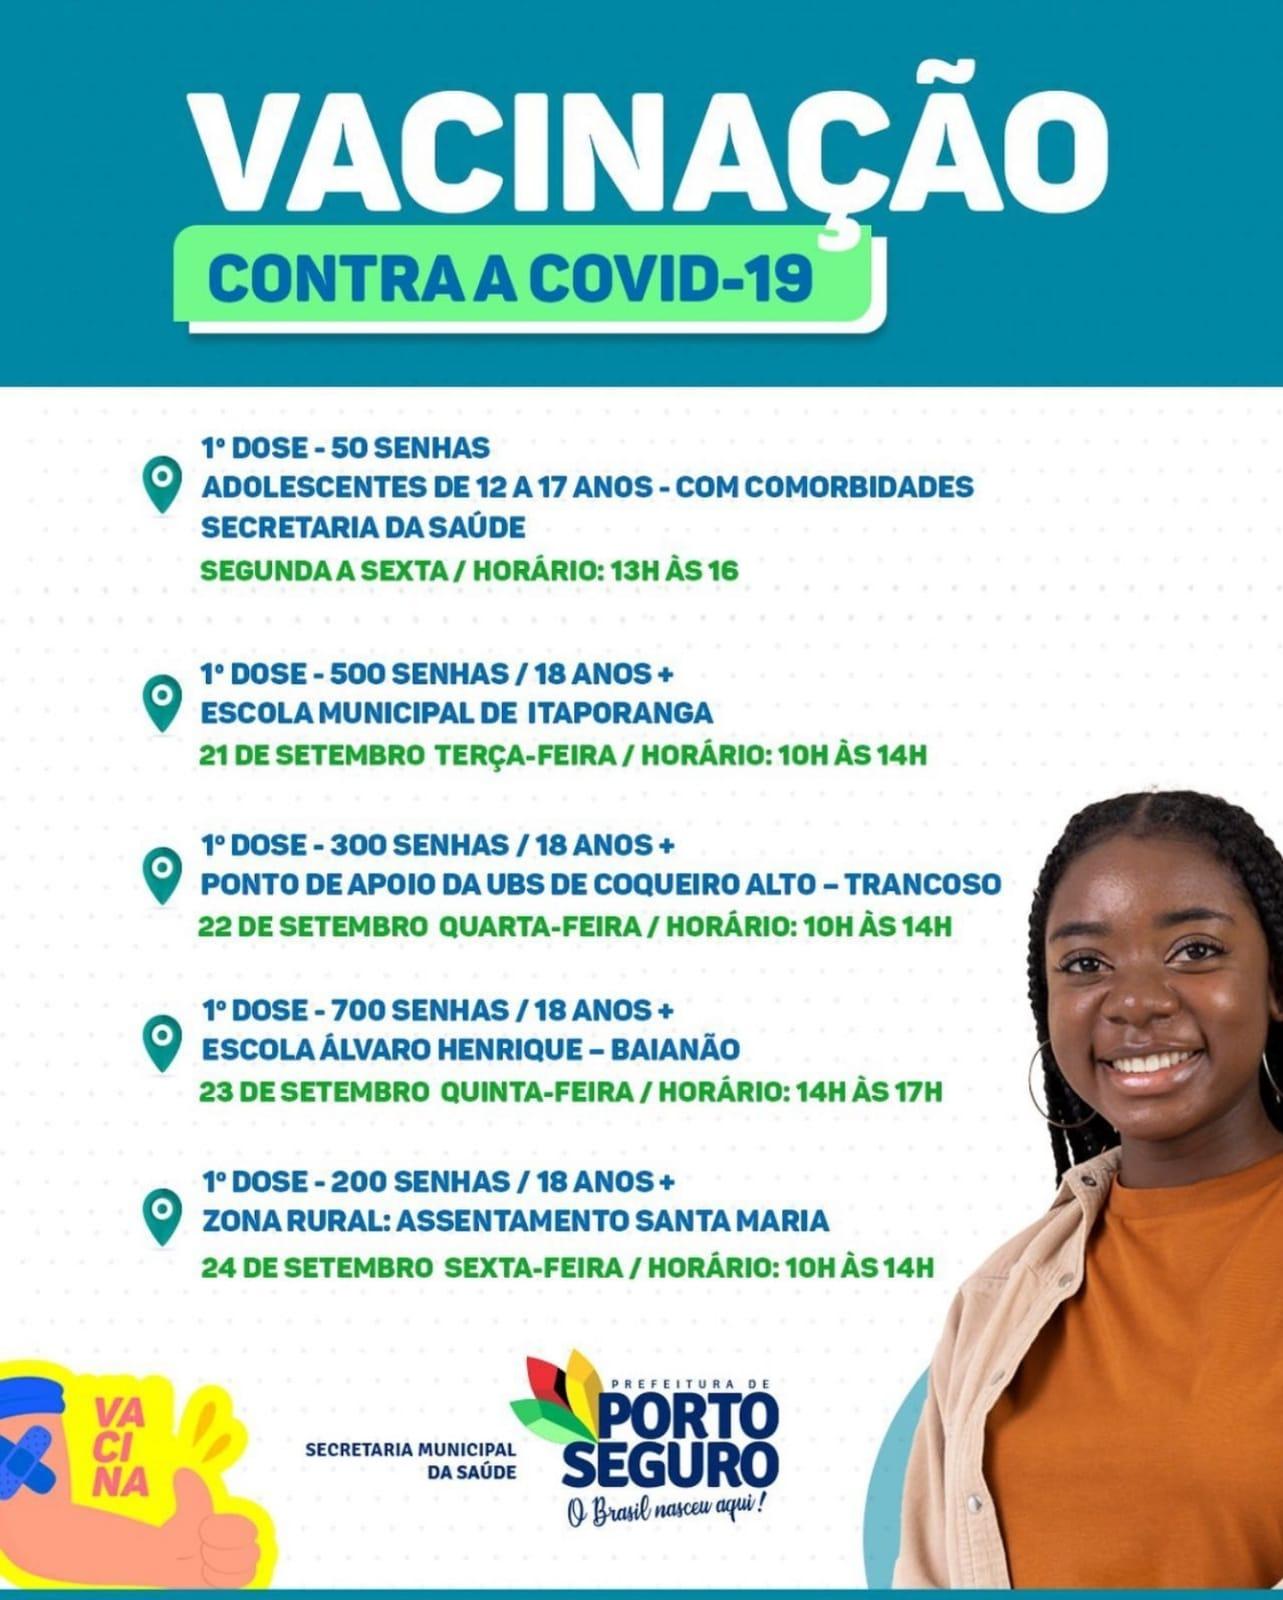 Porto Seguro: Cronograma de Vacinação contra a Covid-19; de 20 a 22 de setembro 31